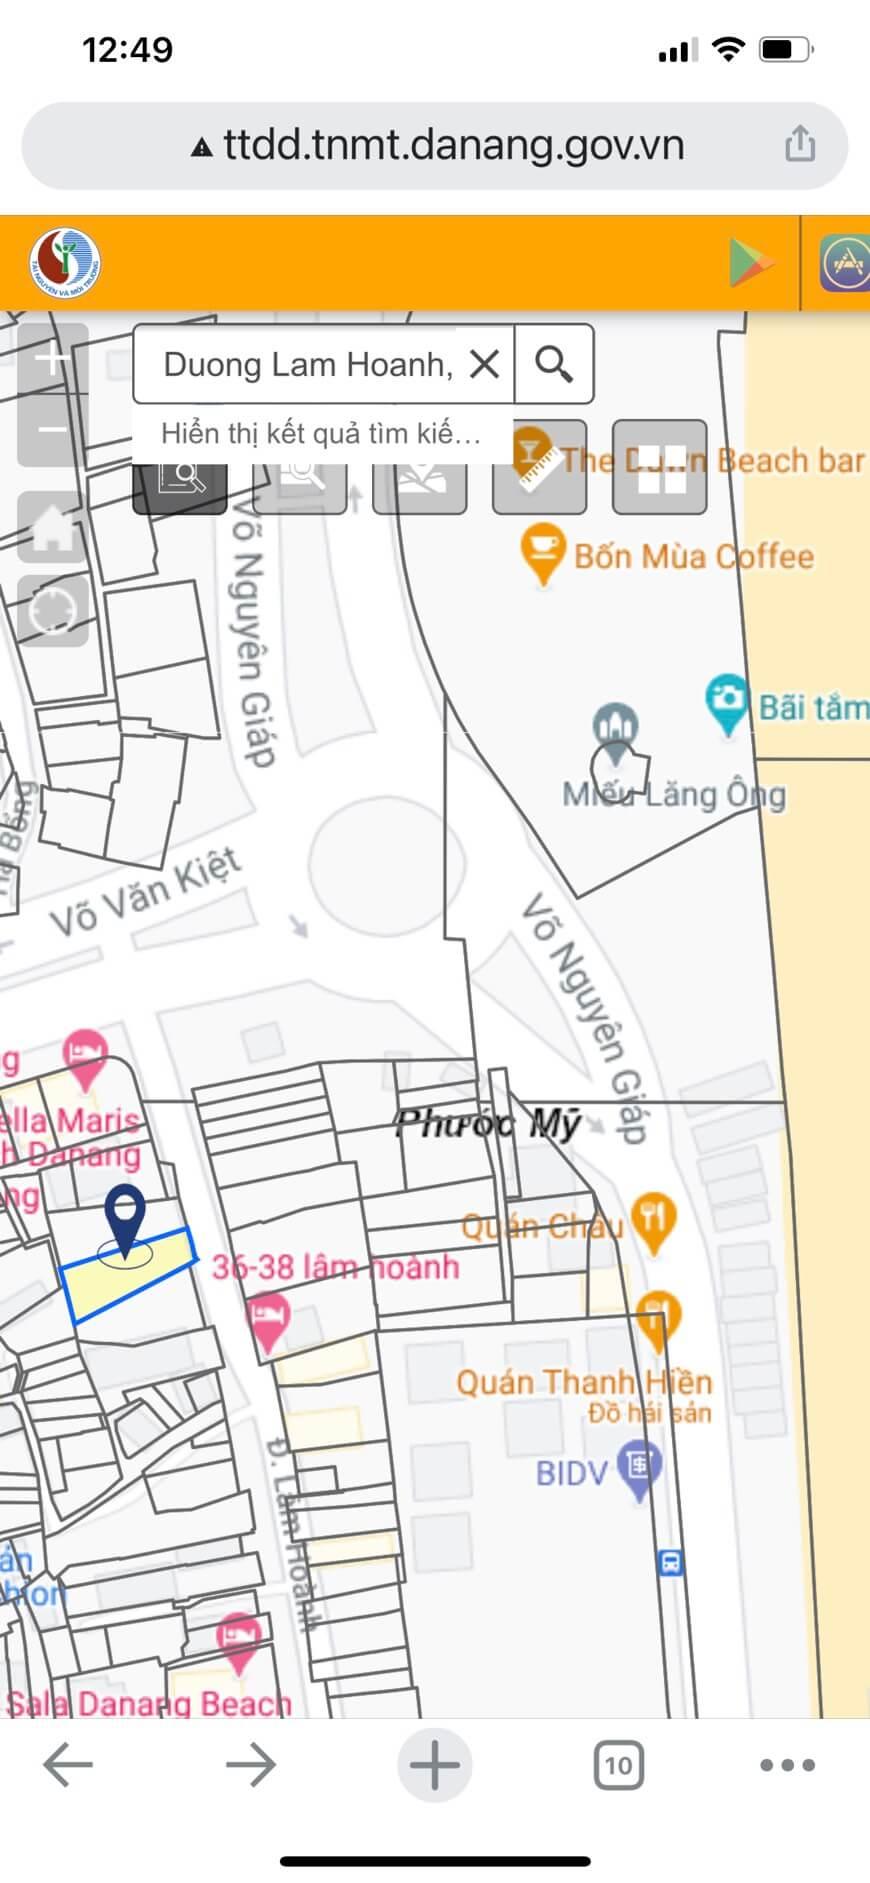 sơ đồ đất bán đường Lâm Hoành - Sơn Trà - Đà Nẵng